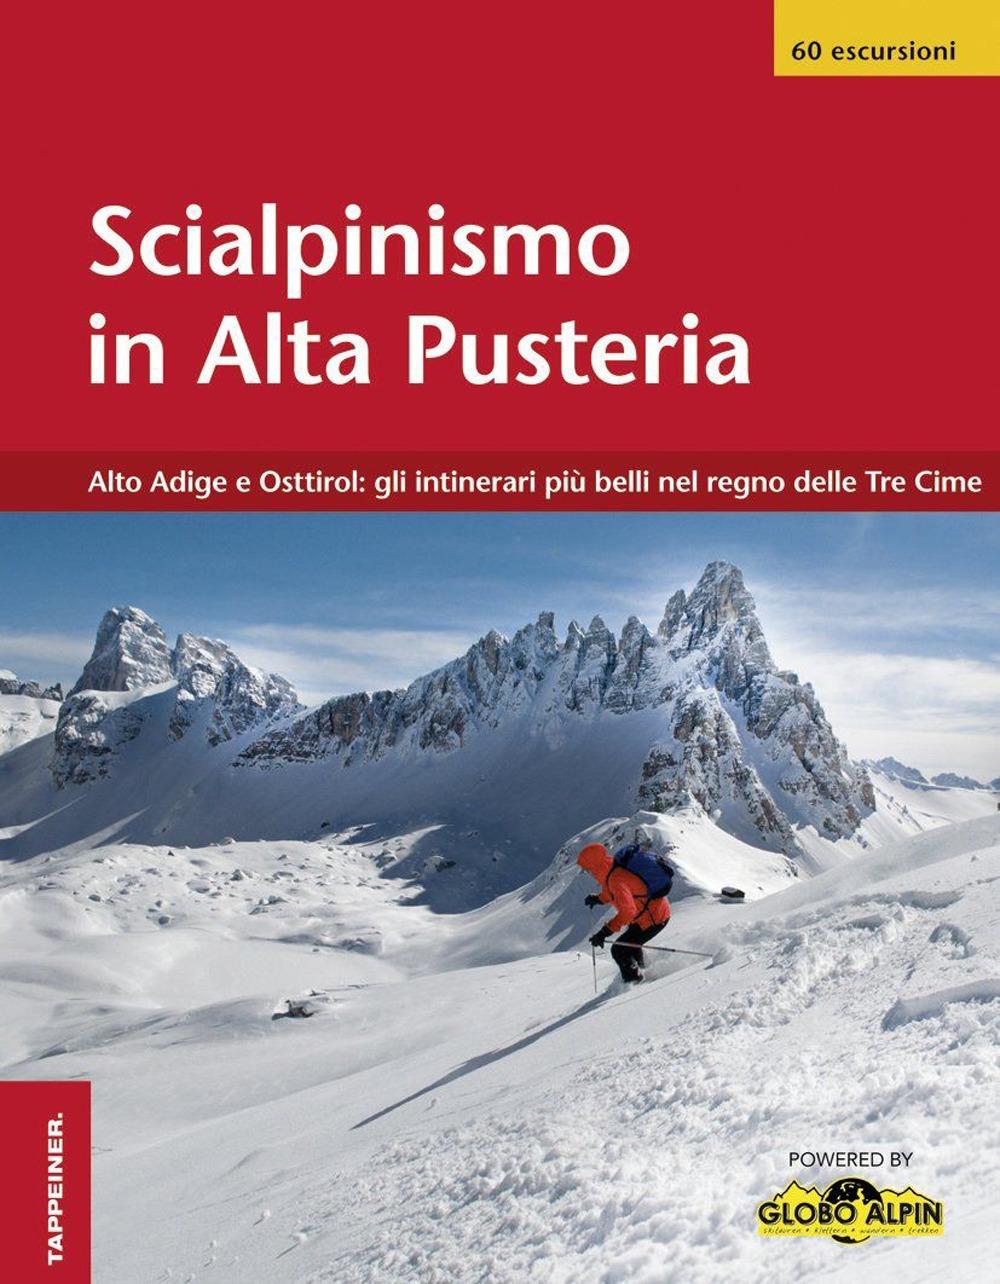 Scialpinismo in Alta Pusteria. Alto Adige e Osttirol. Gli itinerari pi belli nel regno delle Tre Cime.